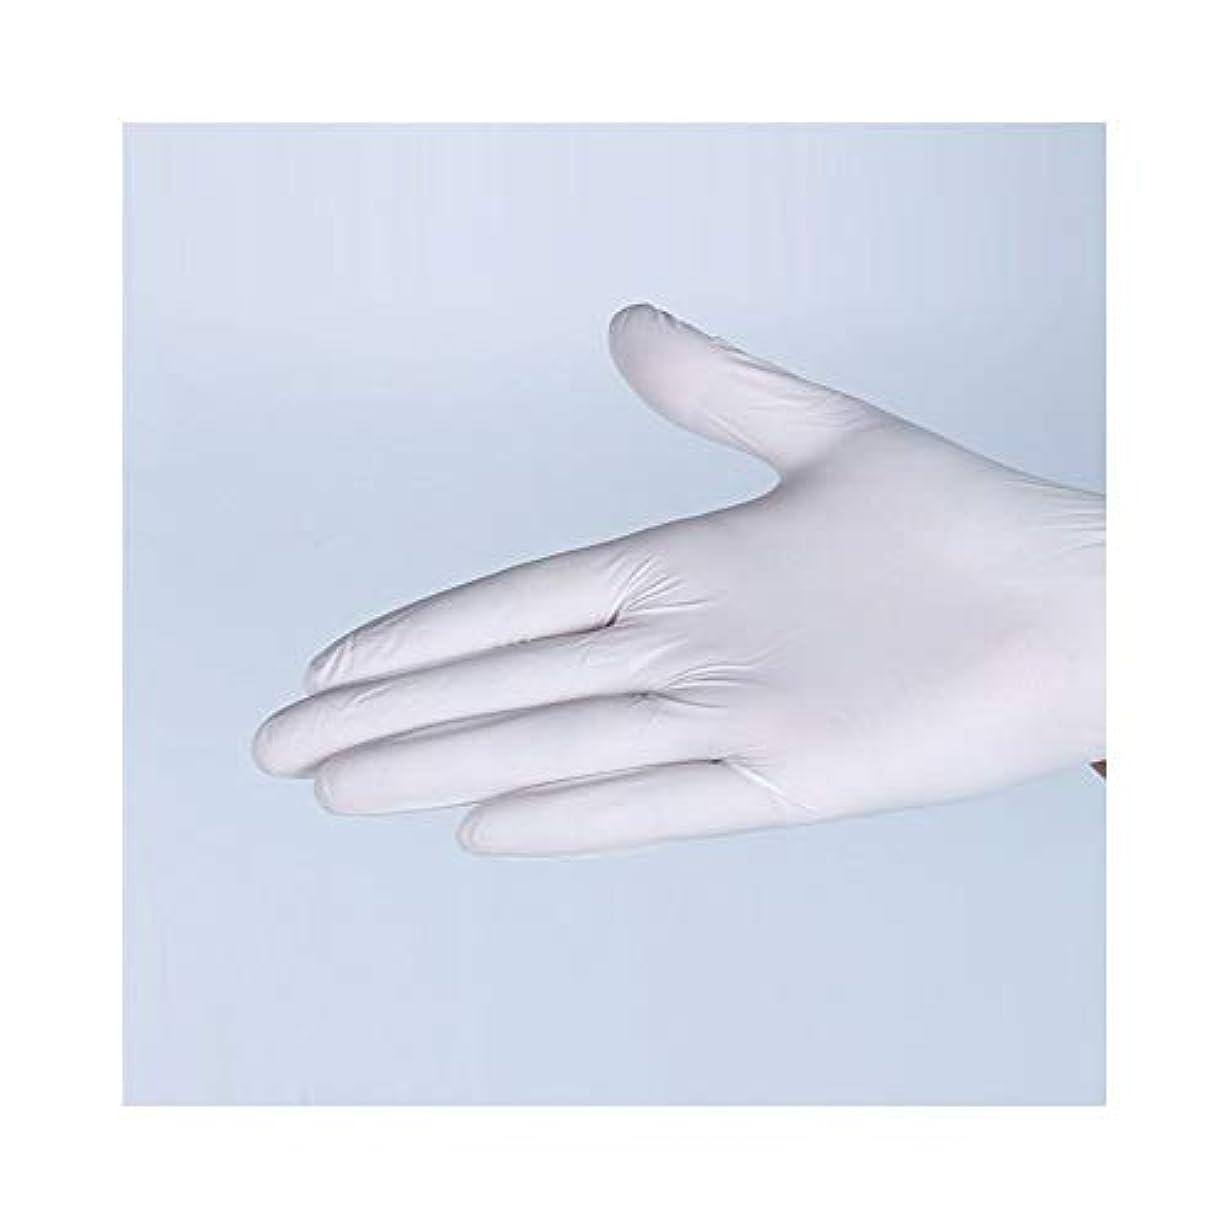 従順不確実ティーム使い捨てのパウダーフリー化学実験ニトリル手袋工業労働保護手袋 YANW (Color : White, Size : S)